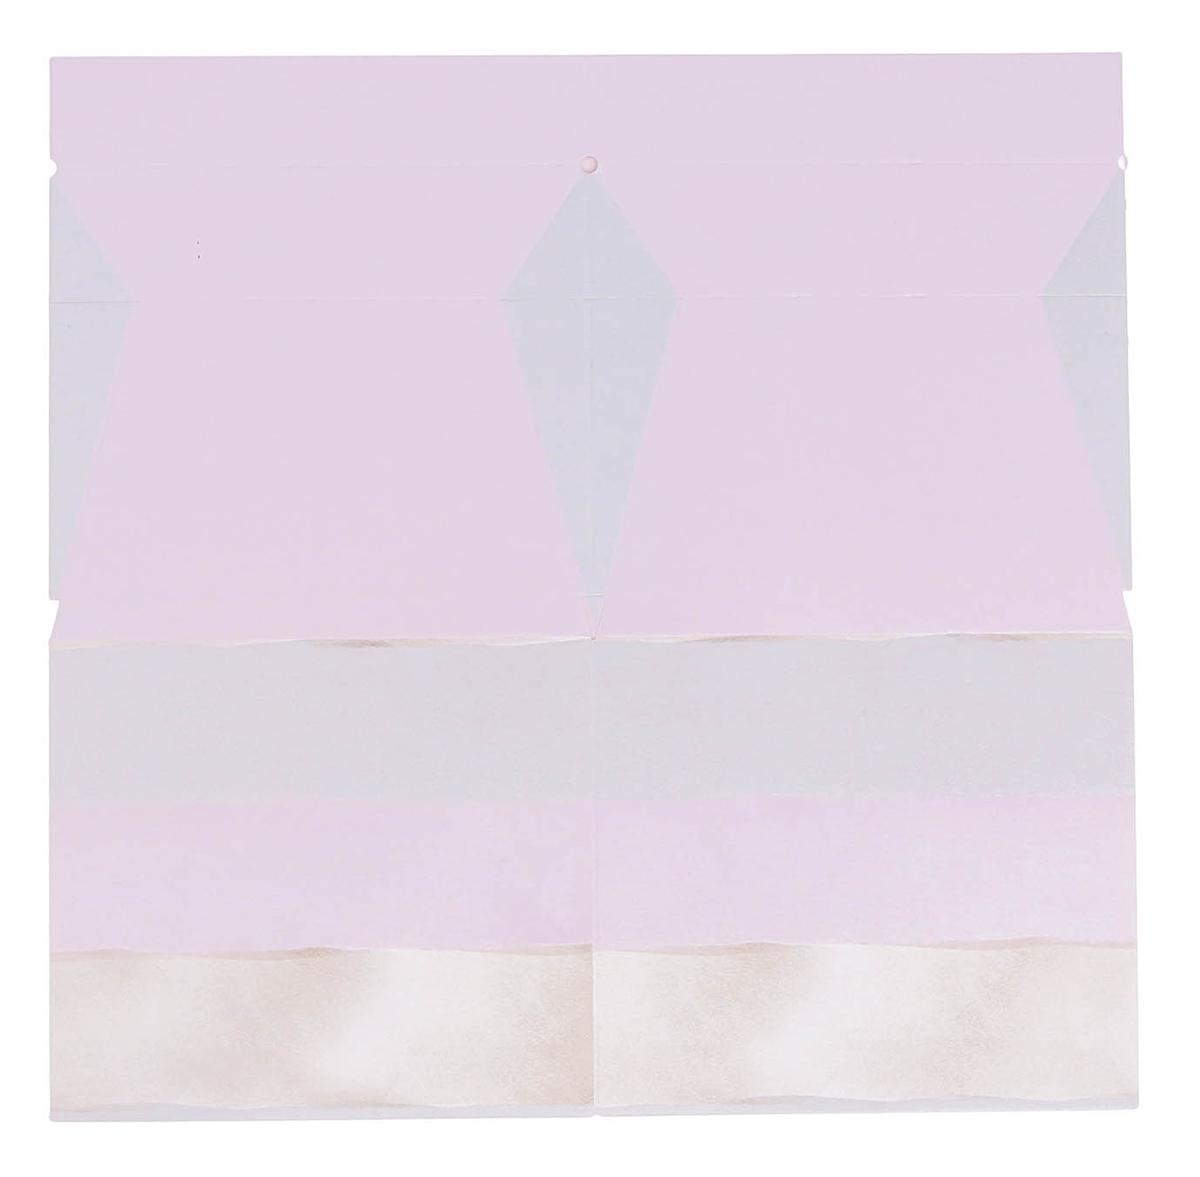 Коробка-ваза Дарите Счастье Розовая, складная, 12 х 12 х 23 см2920071Любой подарок начинается с упаковки. Что может быть трогательнее и волшебнее, чем ритуал разворачивания полученного презента. И именно оригинальная, со вкусом выбранная упаковка выделит ваш подарок из массы других. Она продемонстрирует самые теплые чувства к виновнику торжества и создаст сказочную атмосферу праздника.